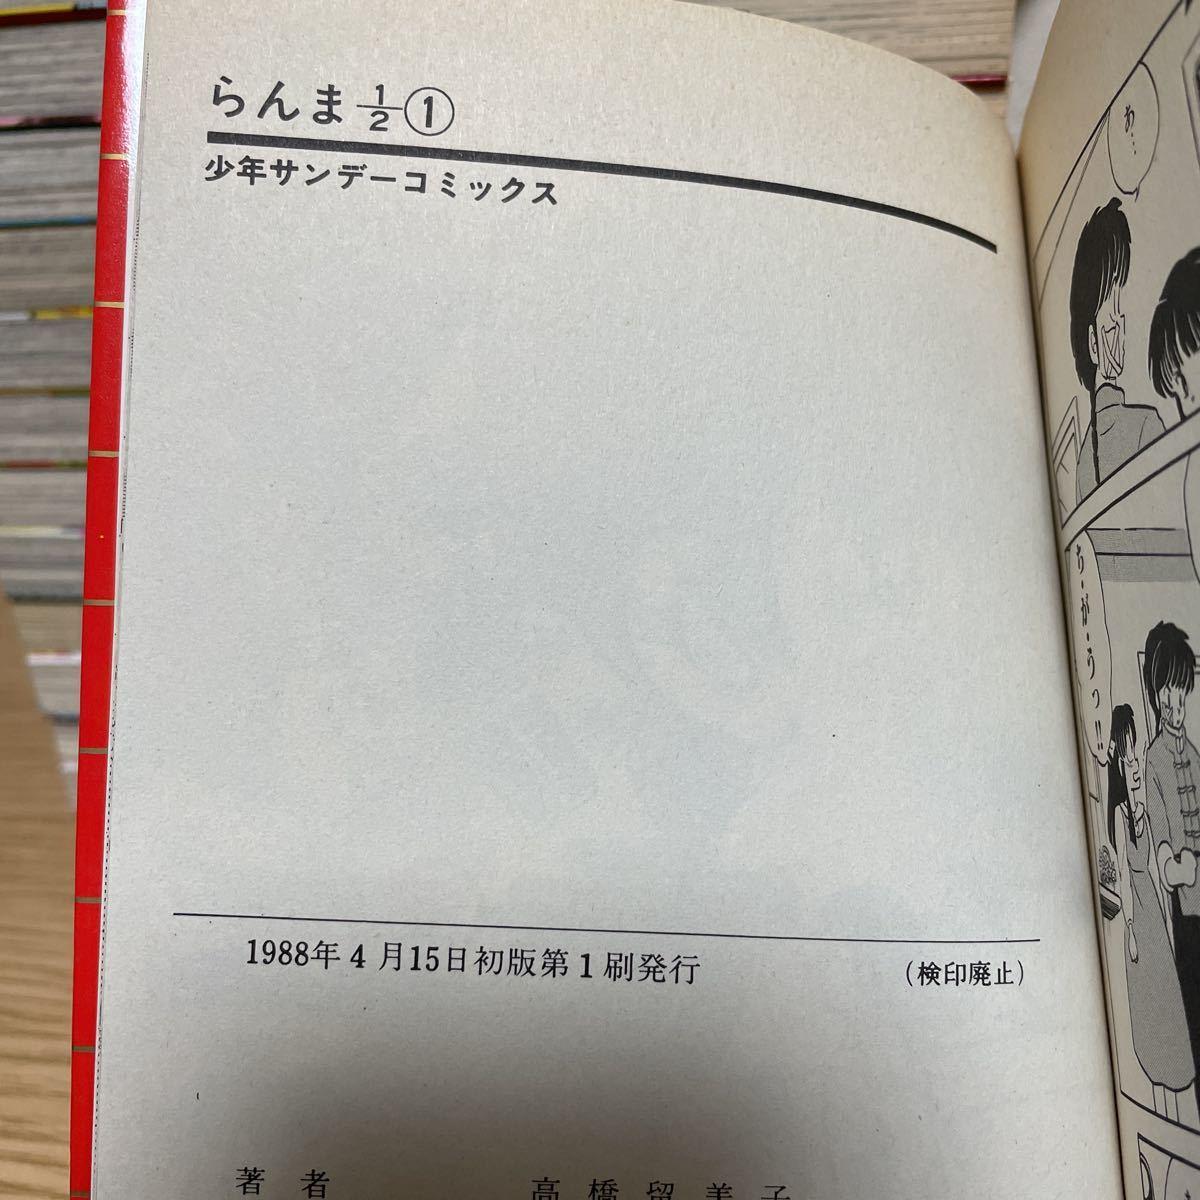 全巻初版 らんま1/2 全巻 セット 1~38巻 高橋留美子 少年サンデーコミックス 小学館 少年漫画